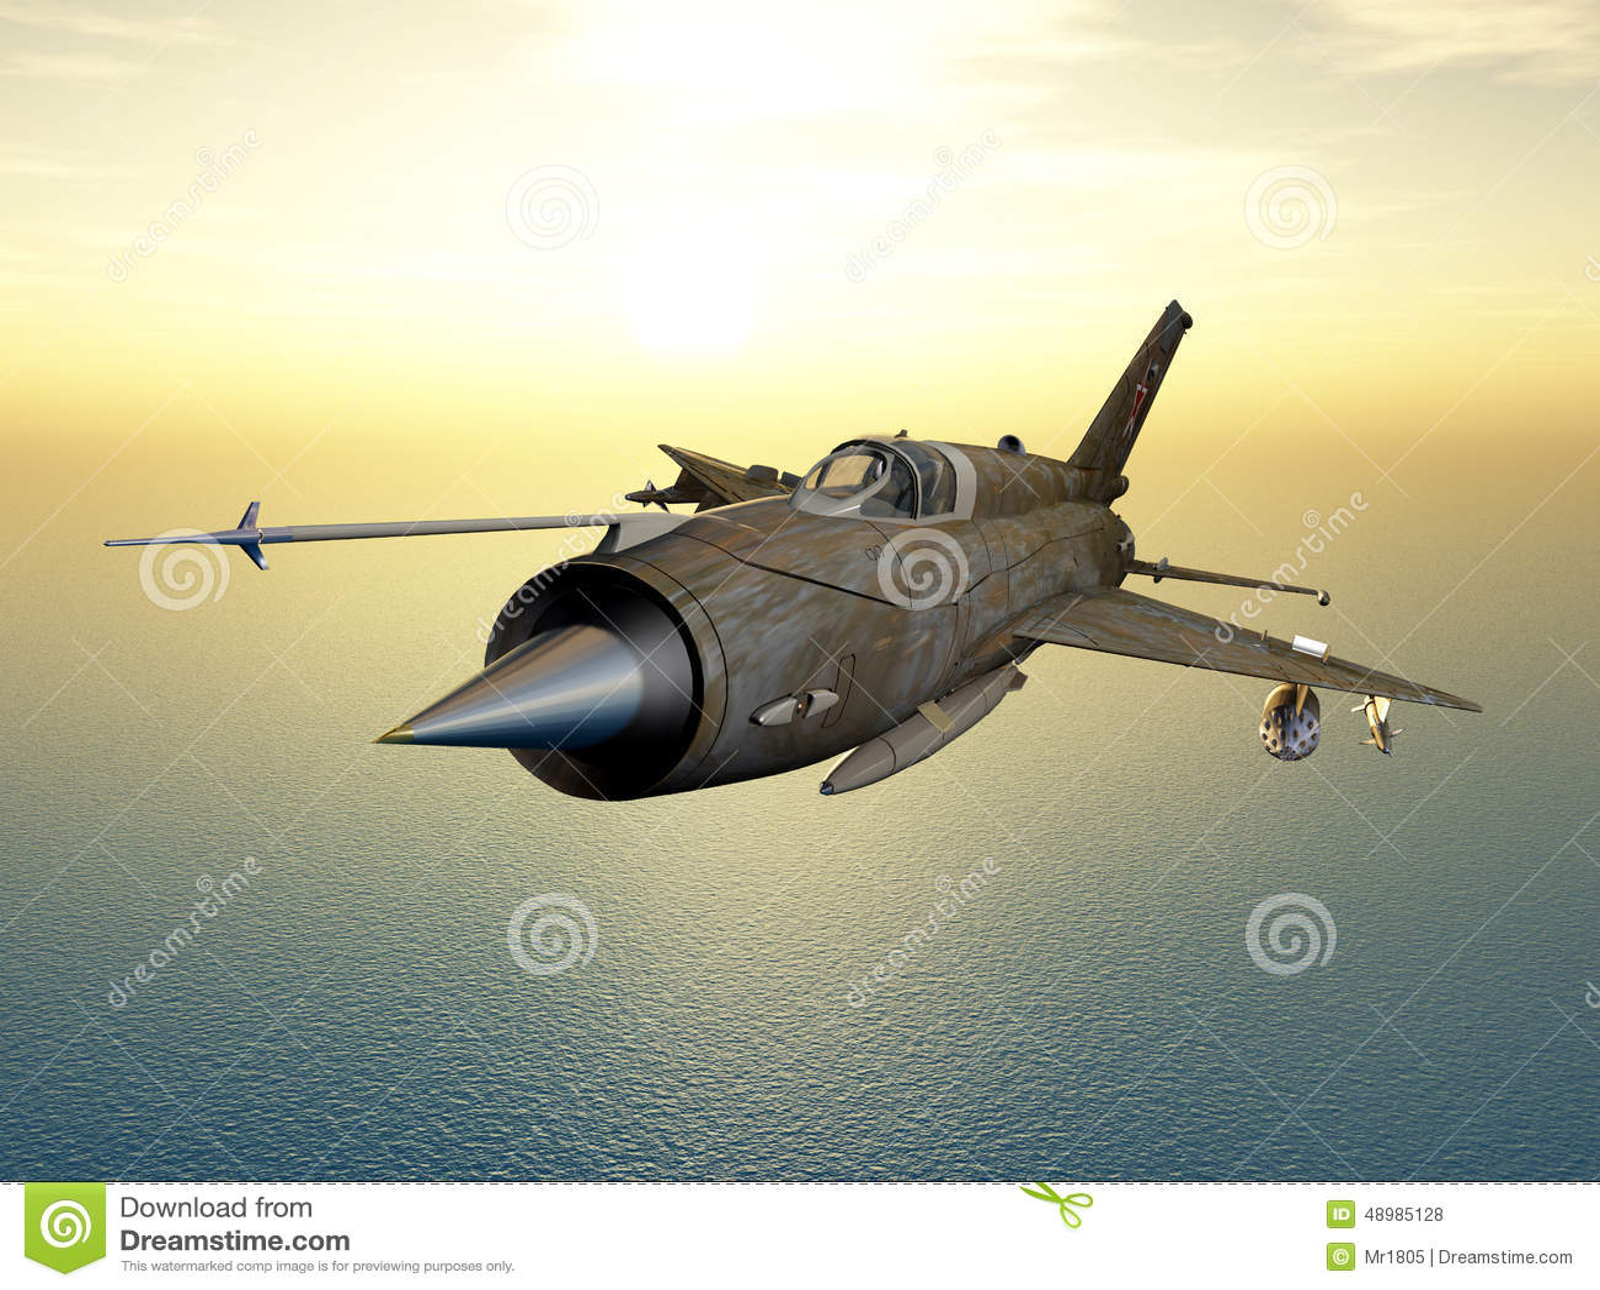 Aereo Da Combattimento Cinese : Aerei di aereo da caccia sovietici illustrazione stock